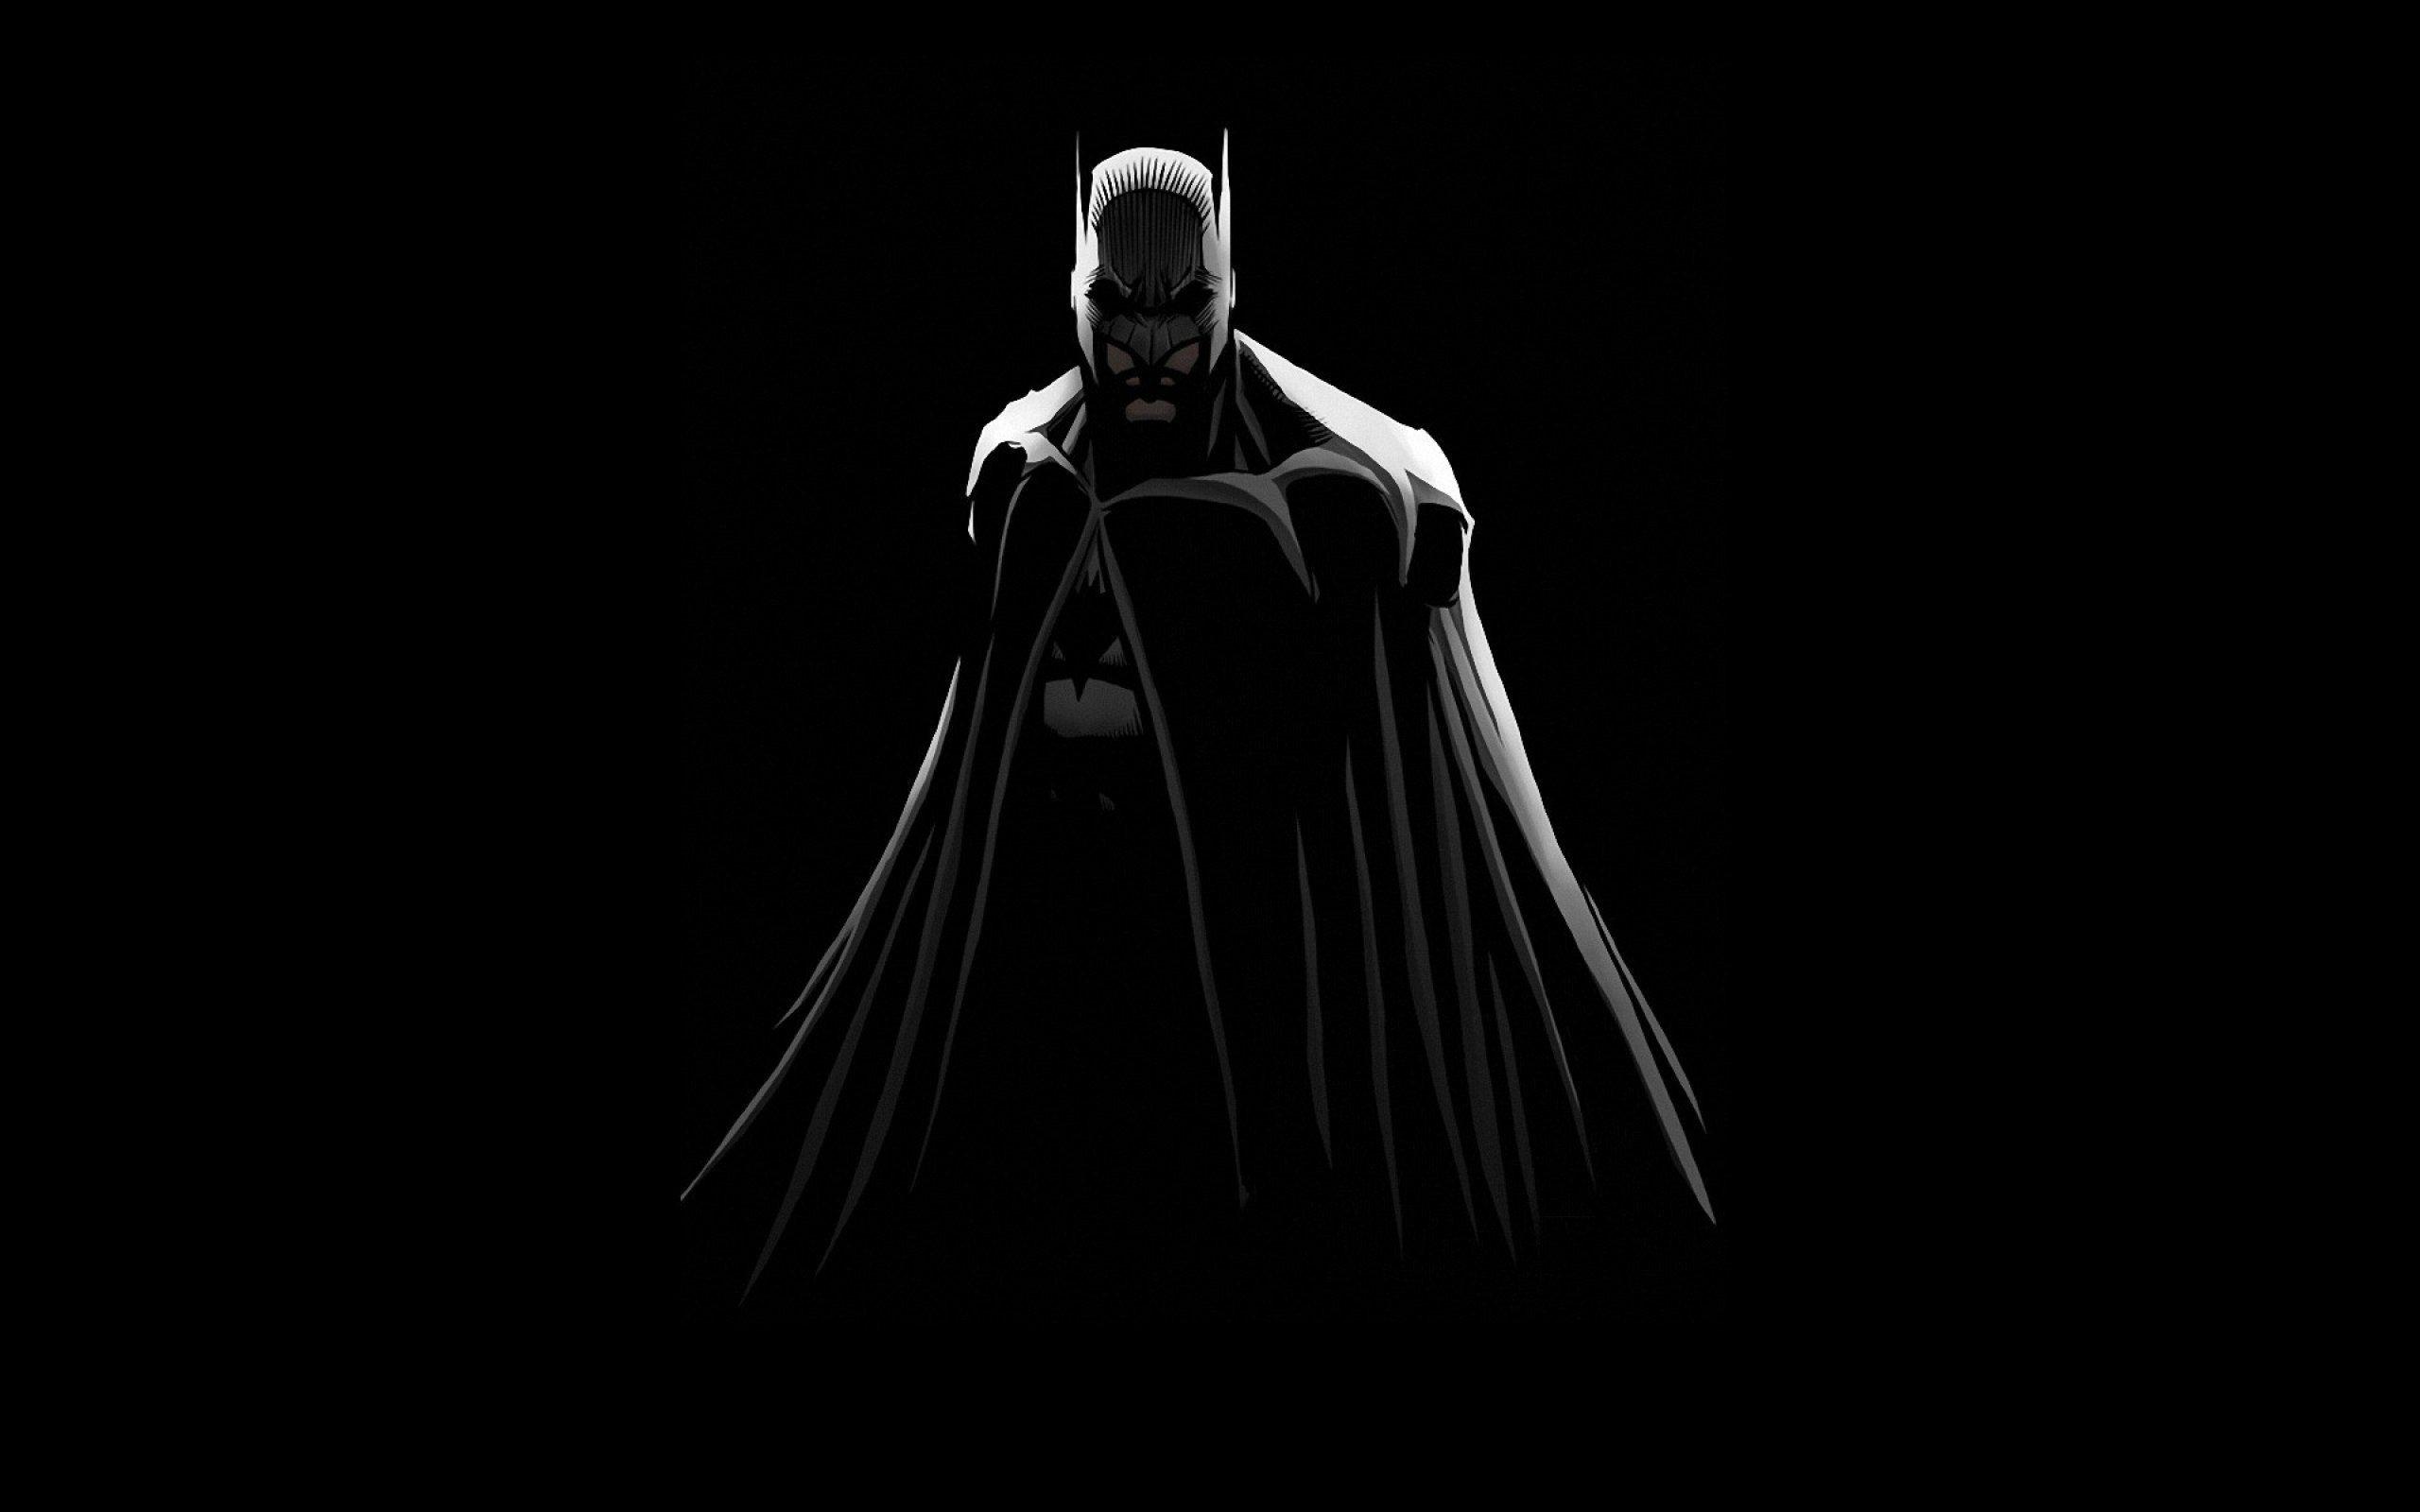 DC-COMICS superhero hero d-c comics warrior batman wallpaper .